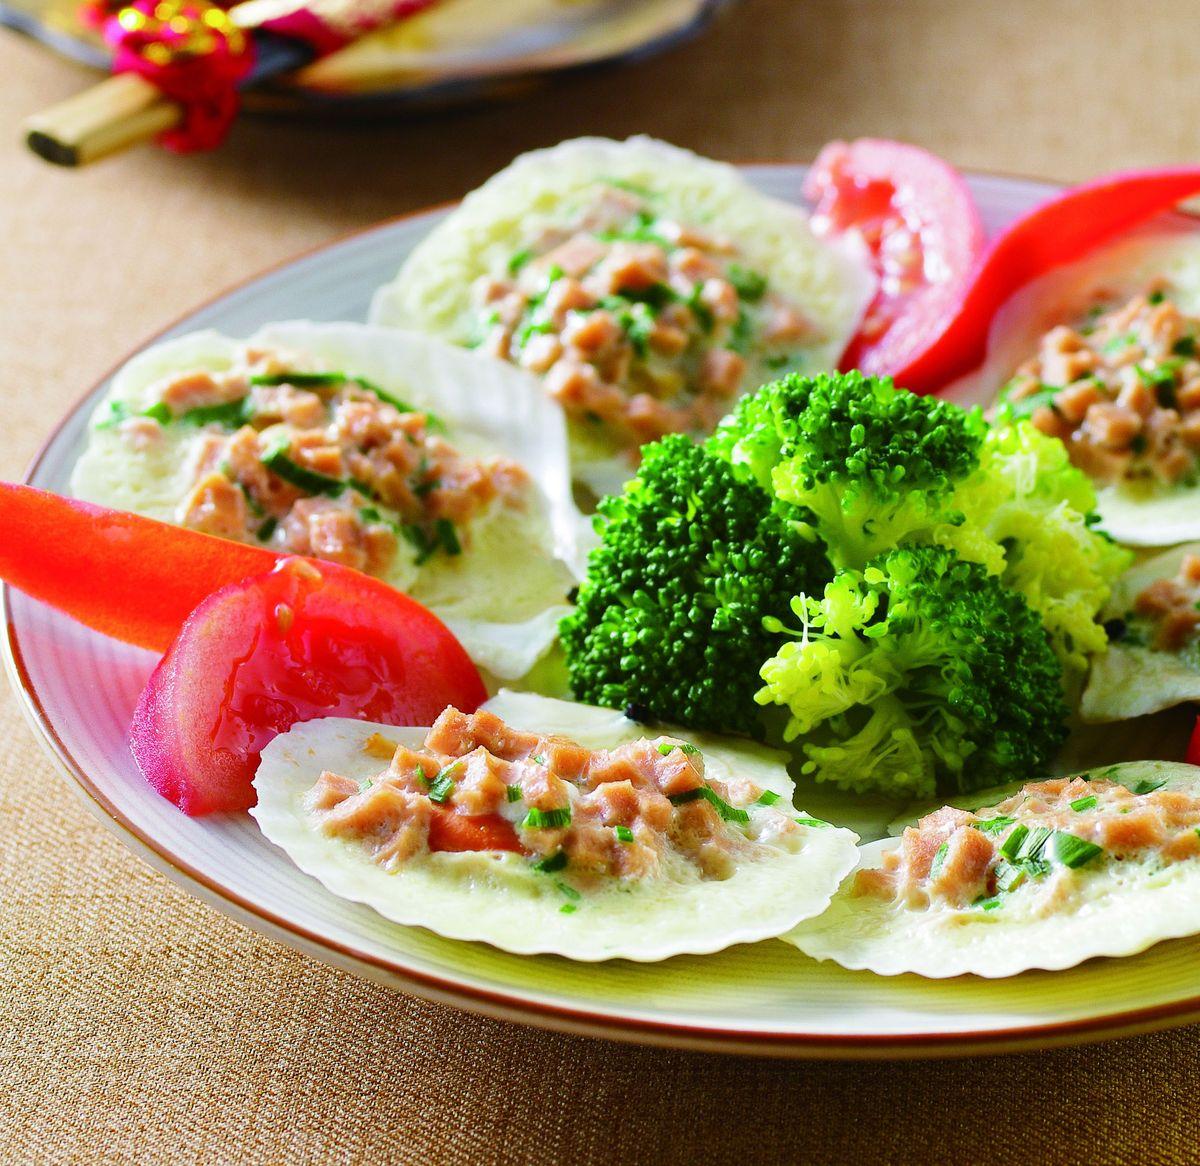 食譜:火腿蒸扇貝